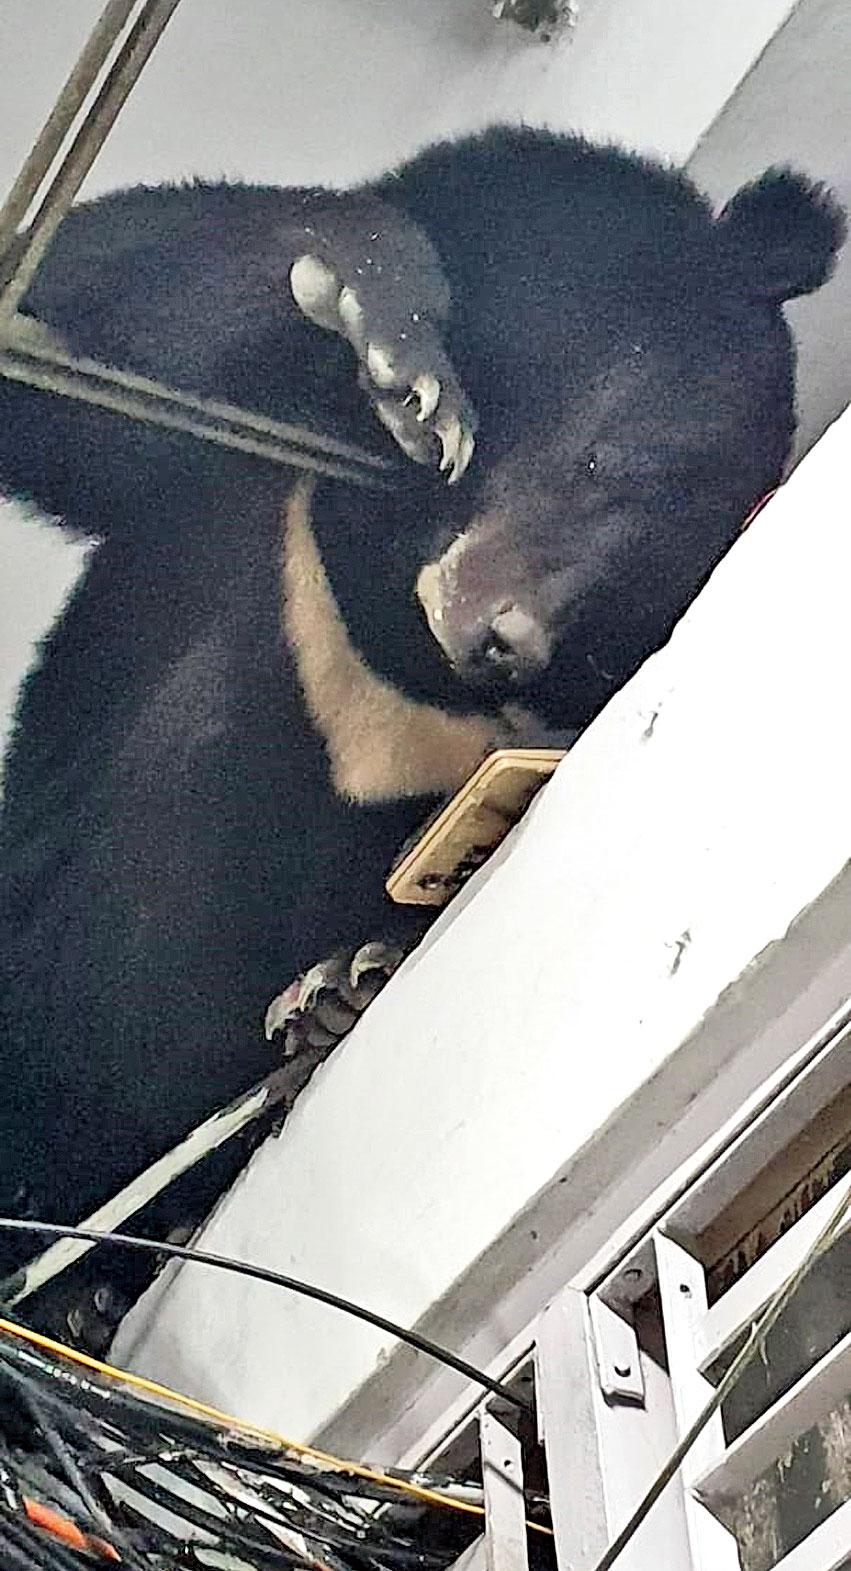 The bear inside the BSNL building in Gangtok on Wednesday